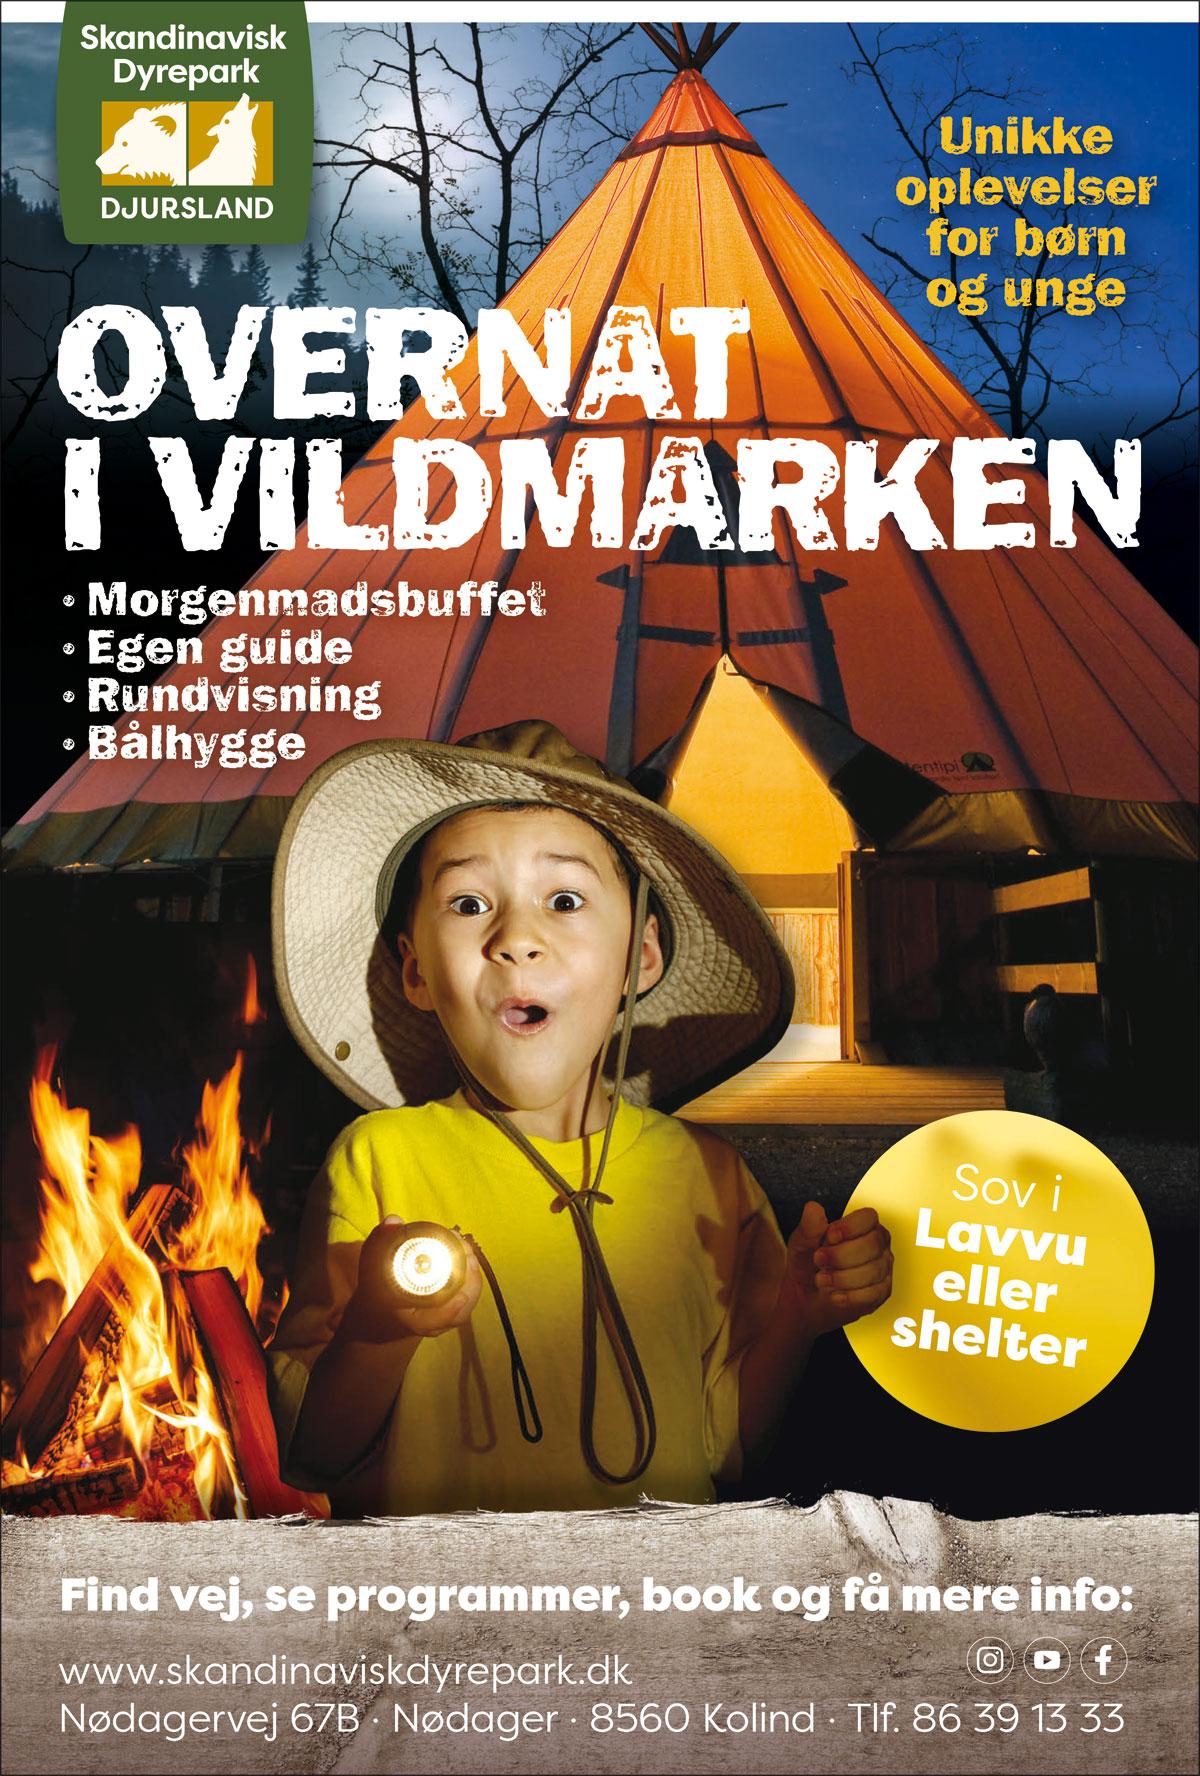 Skandinavisk-Dyrepark-2020